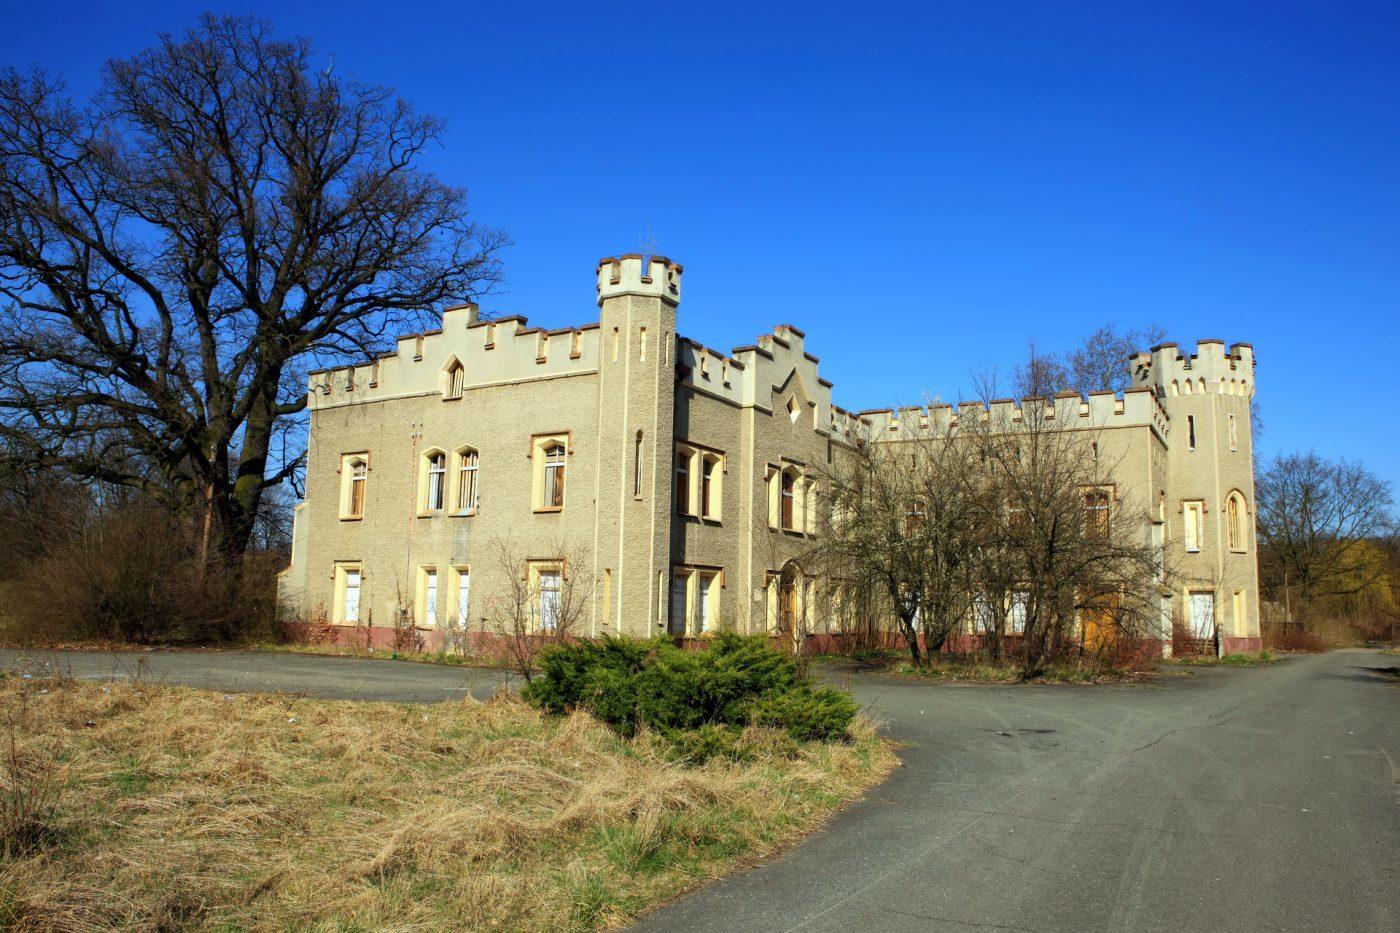 Opuszczony Pałac Sybilli w Szczodrem, Śląski Windsor